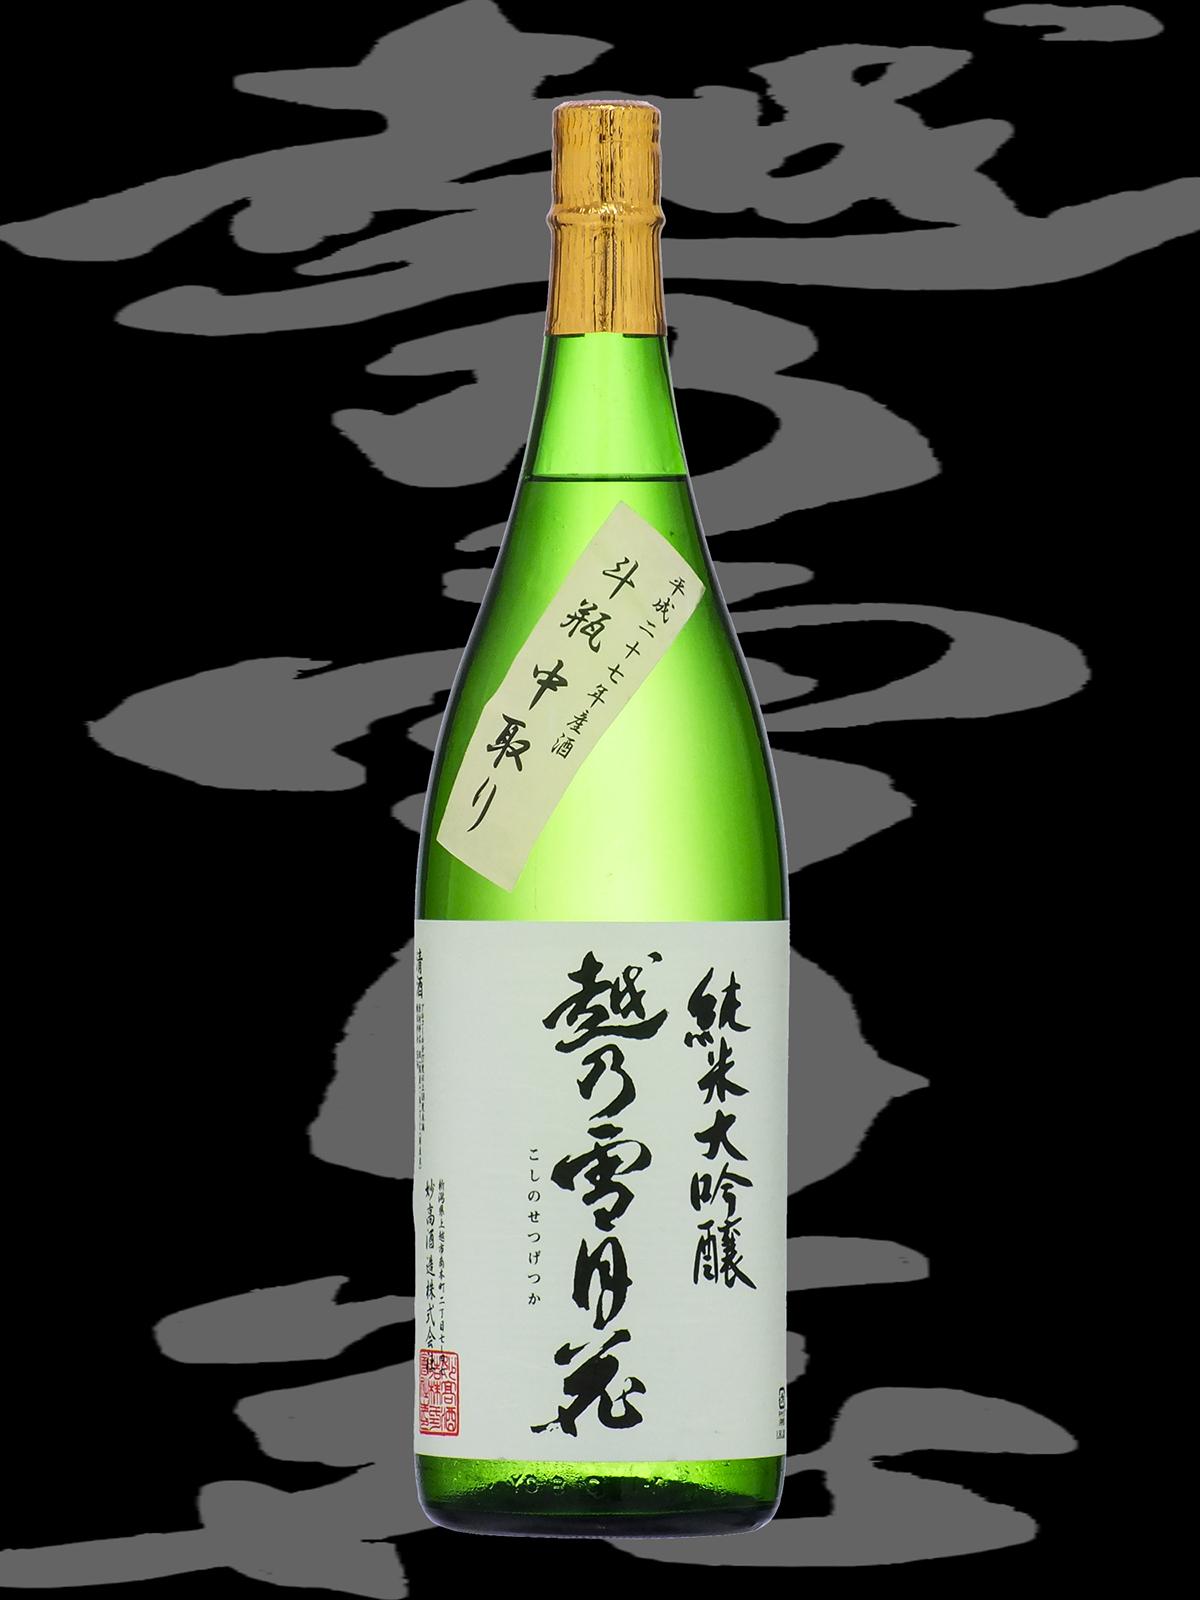 越乃雪月花(こしのせつげっか)「純米大吟醸」斗瓶中取り